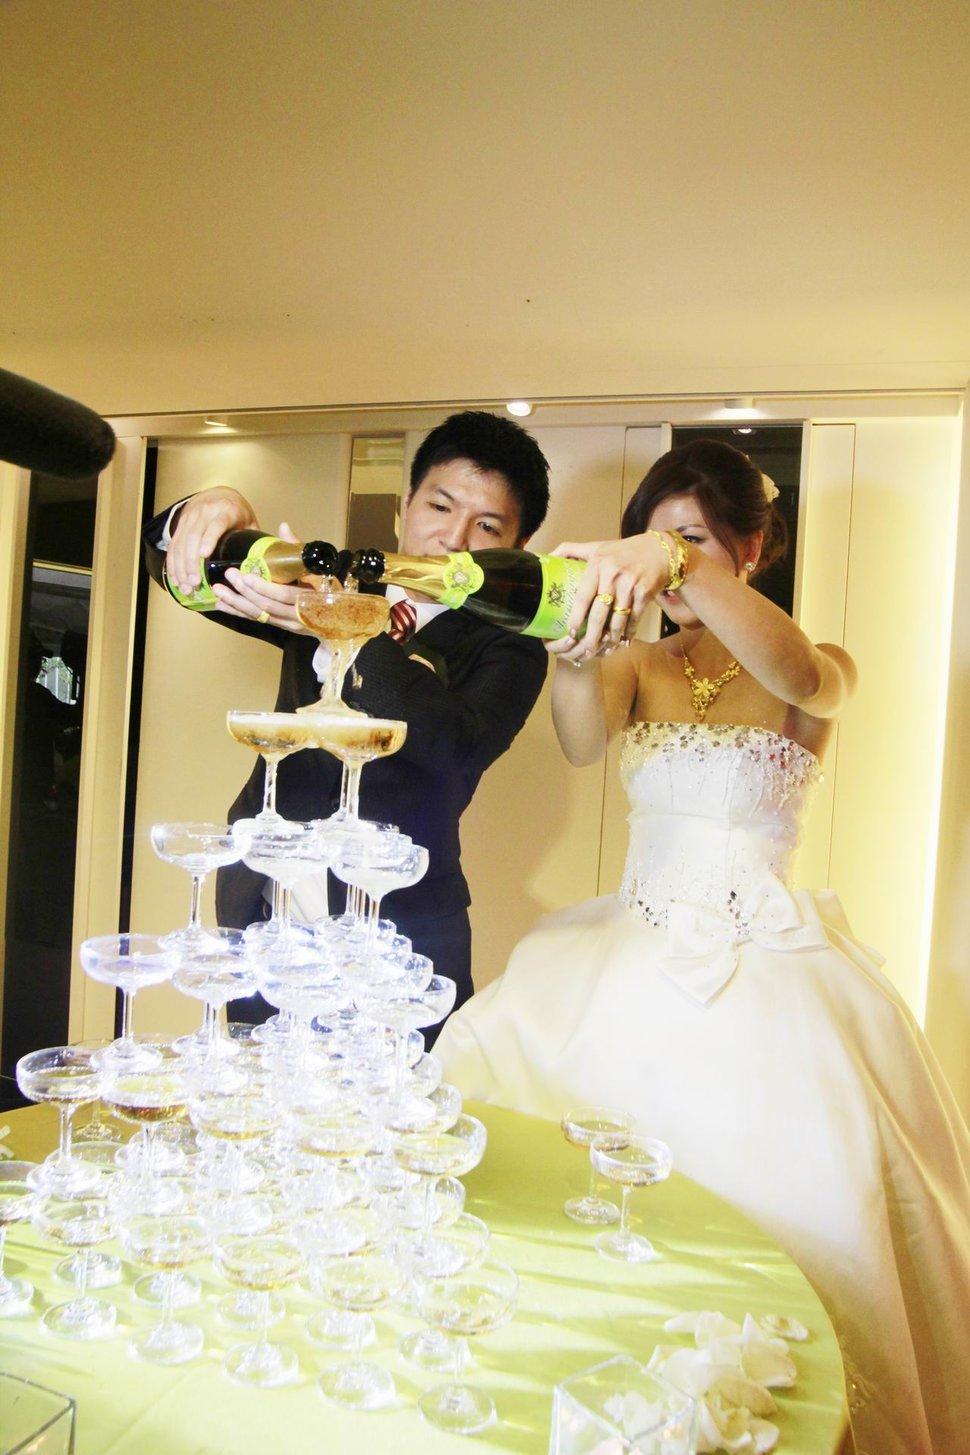 青青食尚花園會館婚禮記錄結婚迎娶婚禮記錄動態微電影錄影專業錄影平面攝影婚紗攝攝影婚禮主持人(編號:196772) - 蜜月拍照10800錄影12800攝影團隊 - 結婚吧